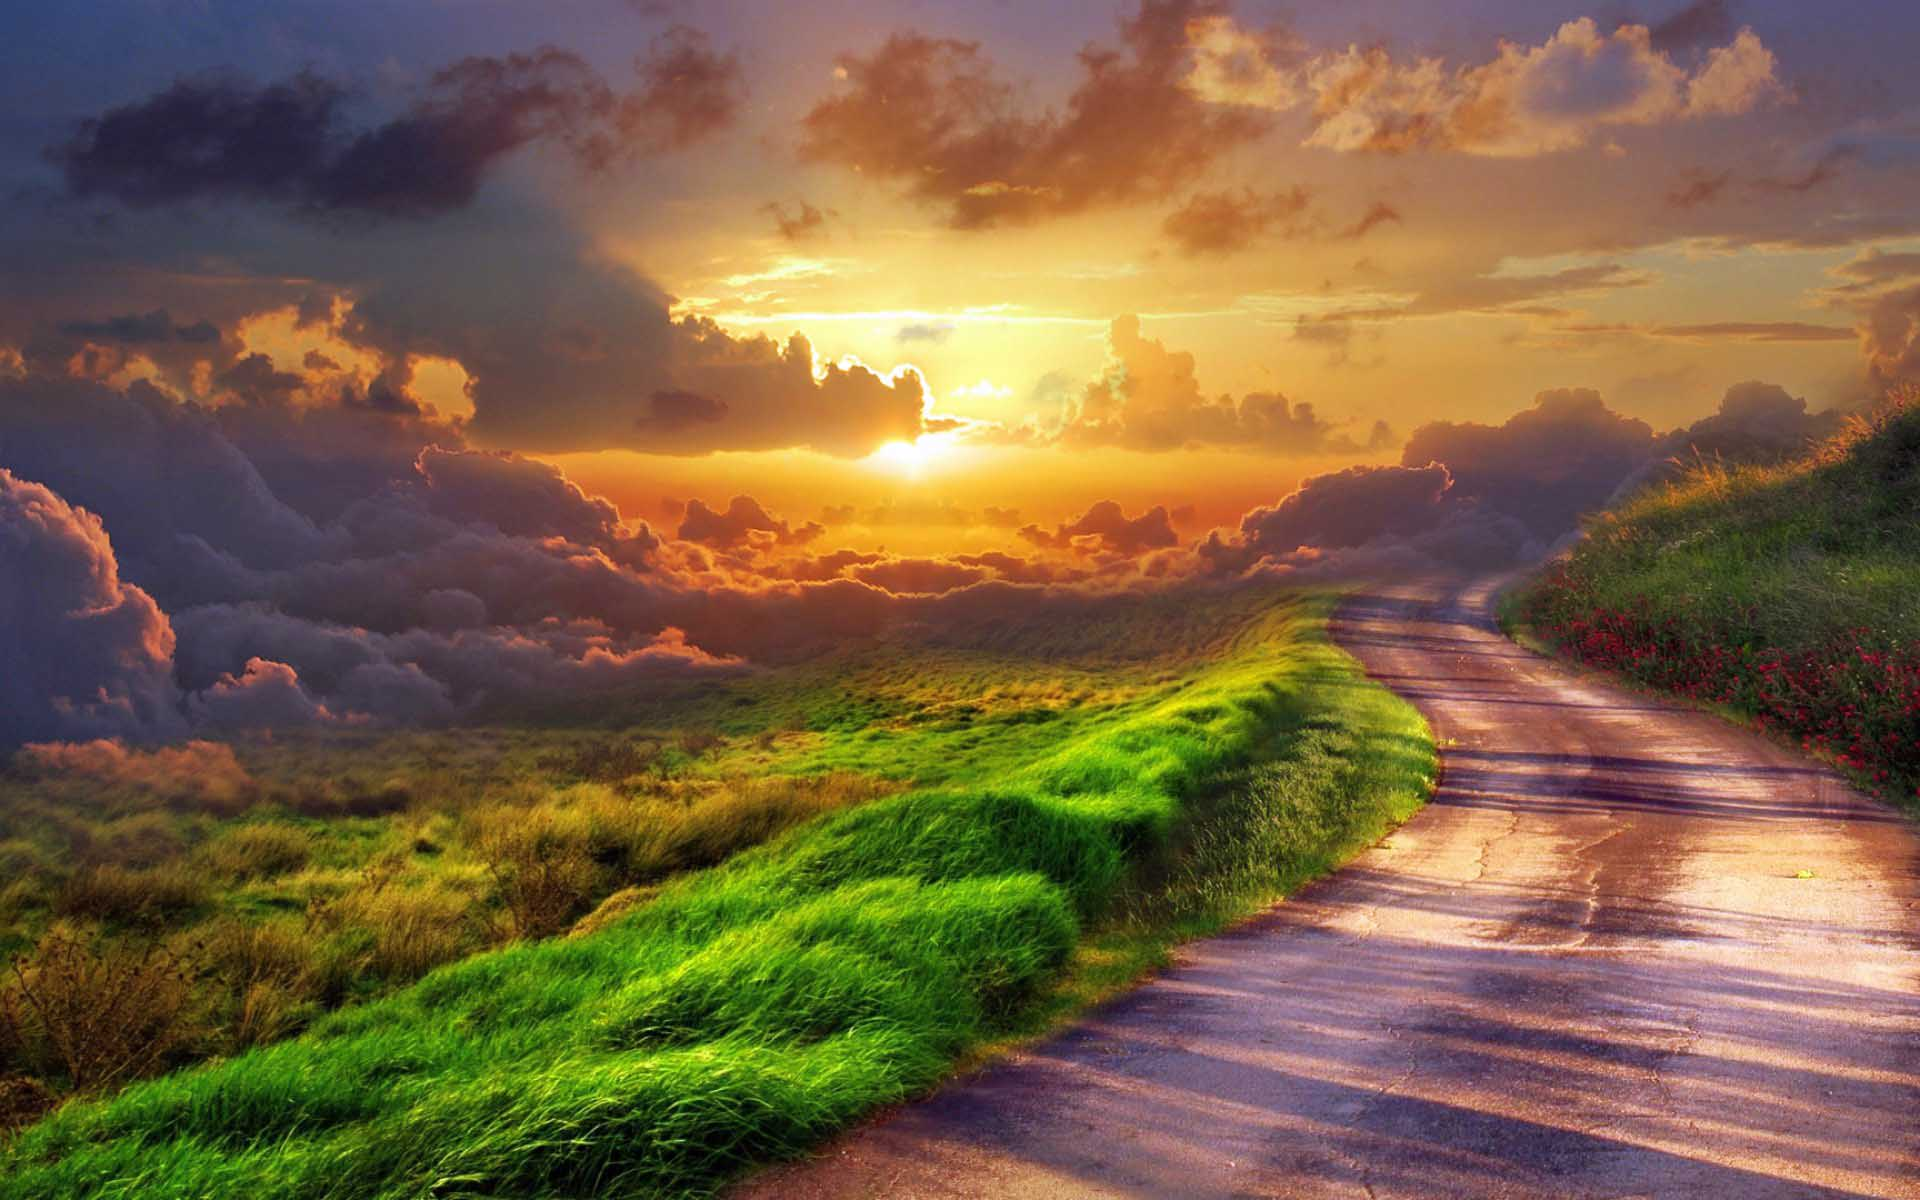 Le Ciel : un lieu beaucoup plus exaltant que vous pouvez l'imaginer - Page 18 ZnliXE